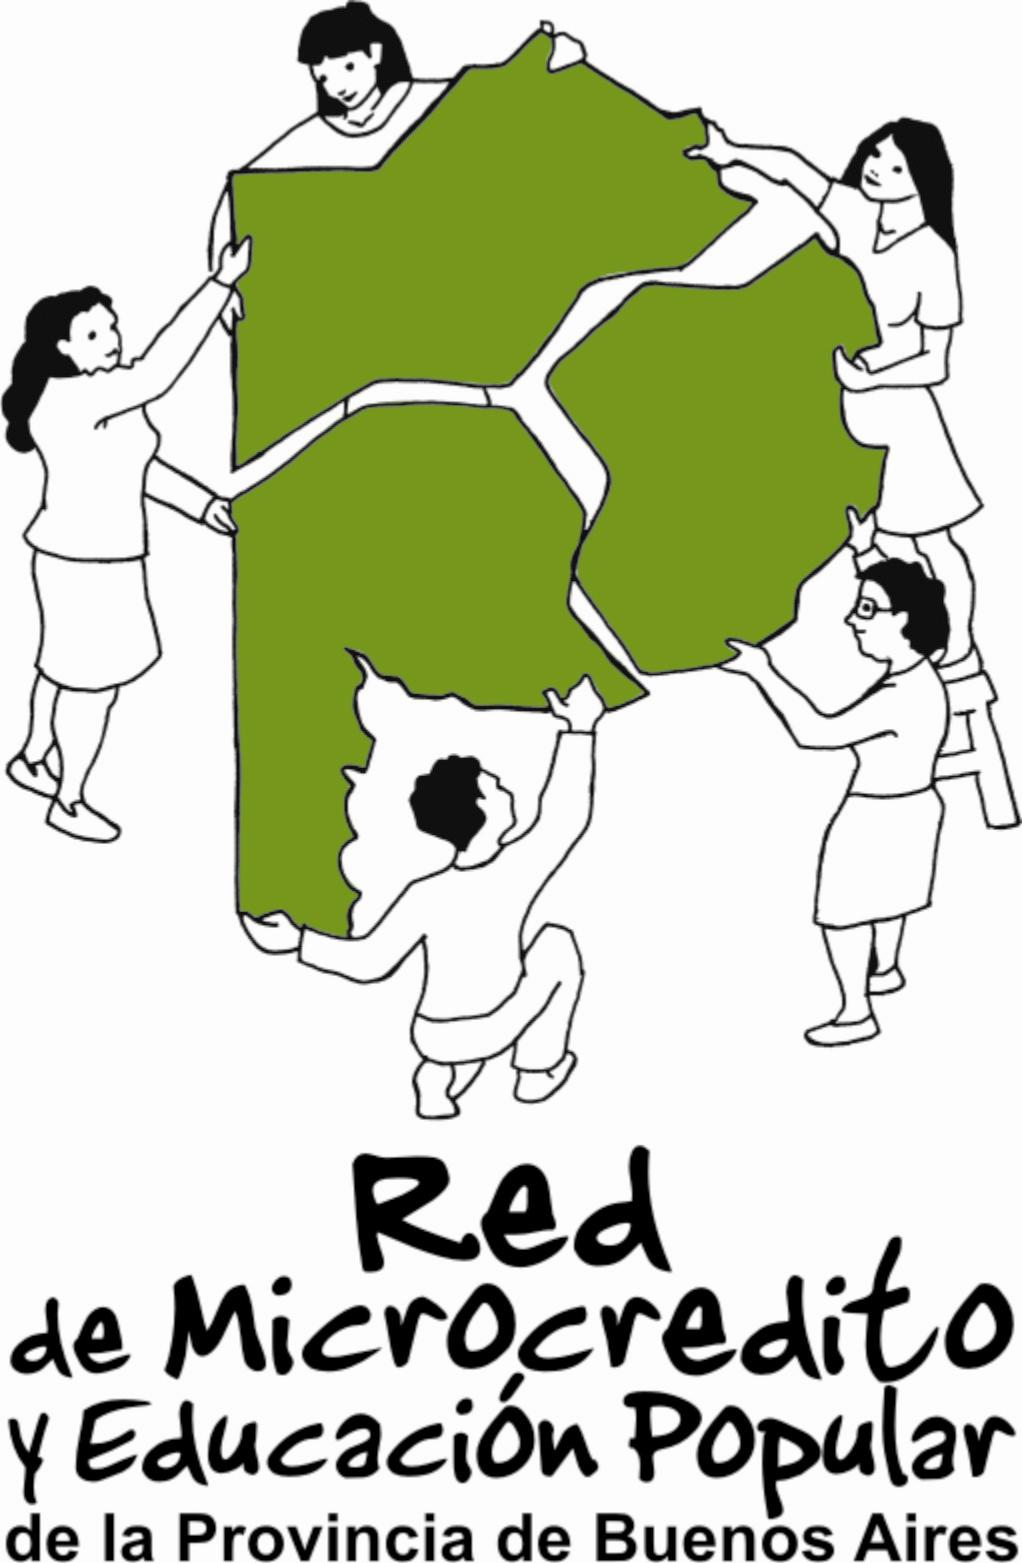 http://4.bp.blogspot.com/_CV7TUU06OD0/TGPl6zcfZHI/AAAAAAAAAOo/brx5AIBev90/s1600/Logo-RED-Banquito.JPG